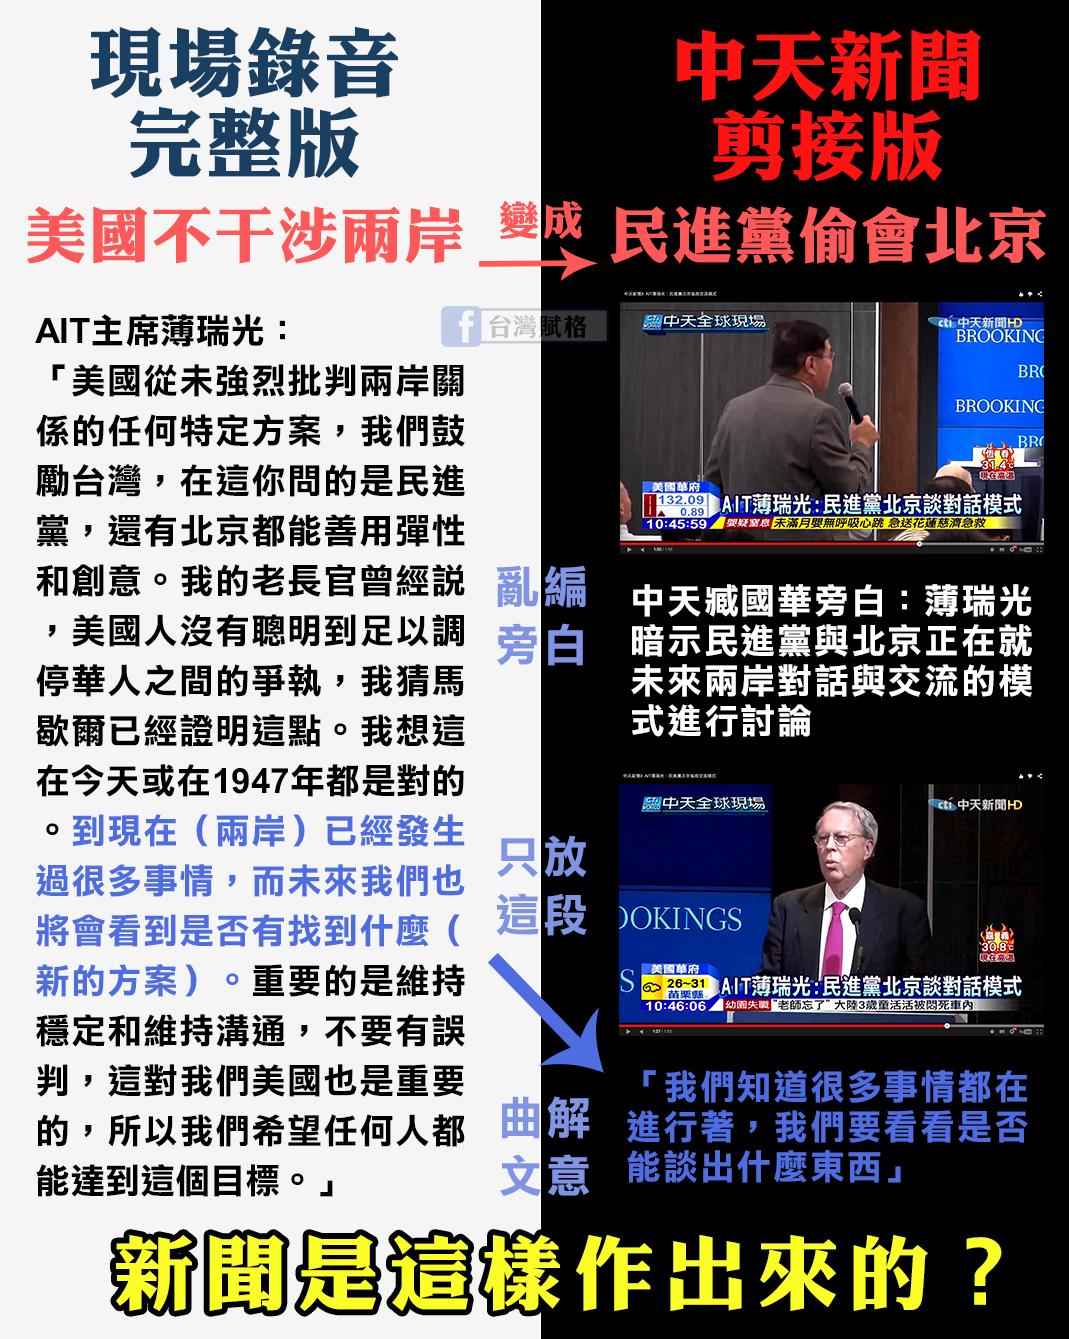 【大中天】要怎樣才能把「美國不干涉兩岸」超譯成「民進黨偷會北京」?   臺灣賦格